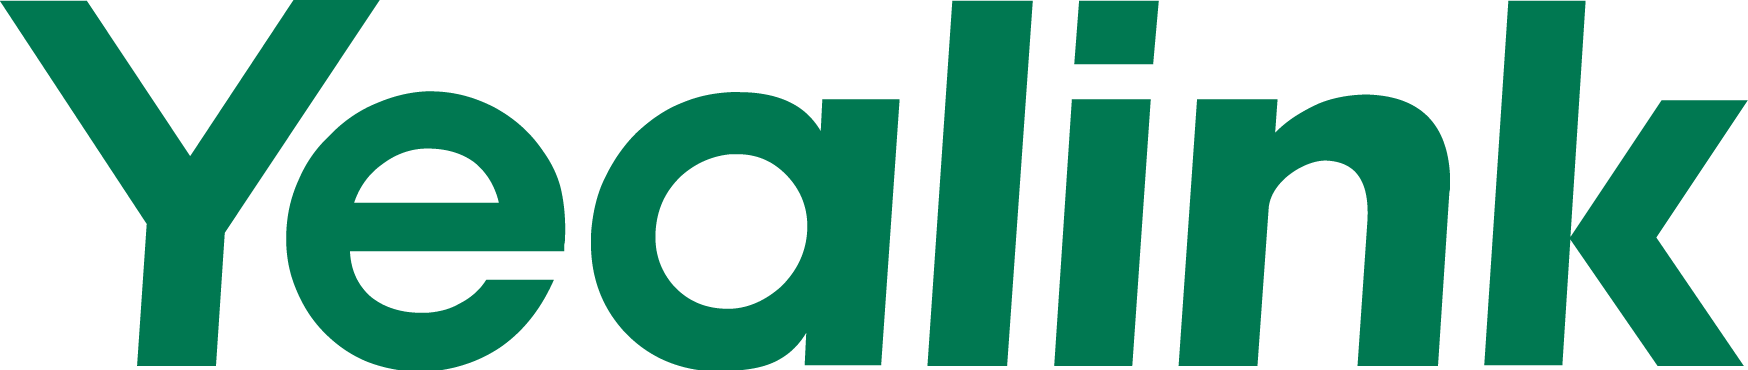 yealink_logo.png